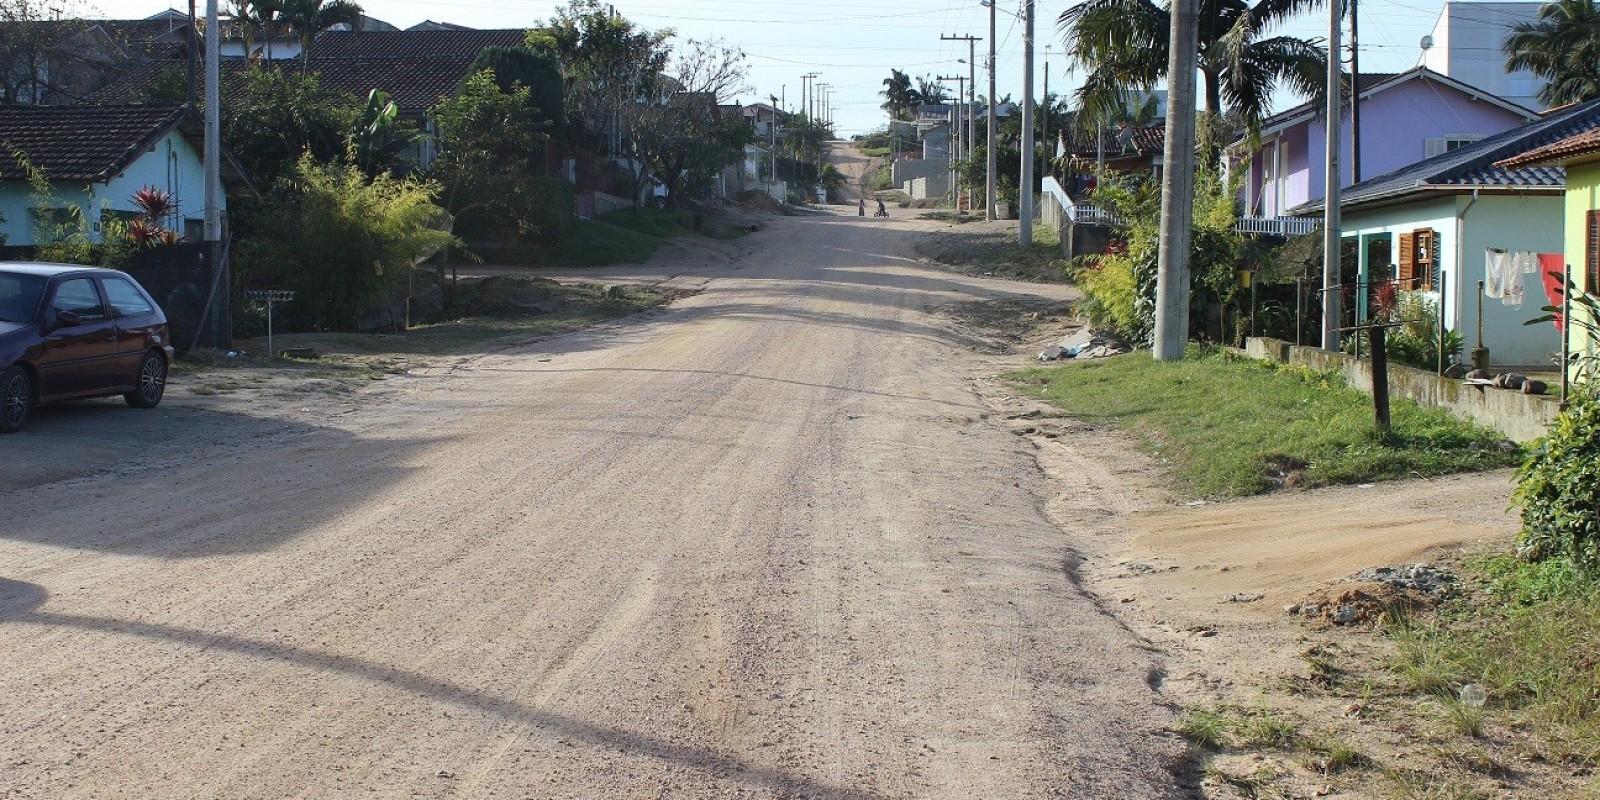 Prefeitura entrega no dia 13 de julho Ordem de Serviço para pavimentar trecho da rua Jacó Becker